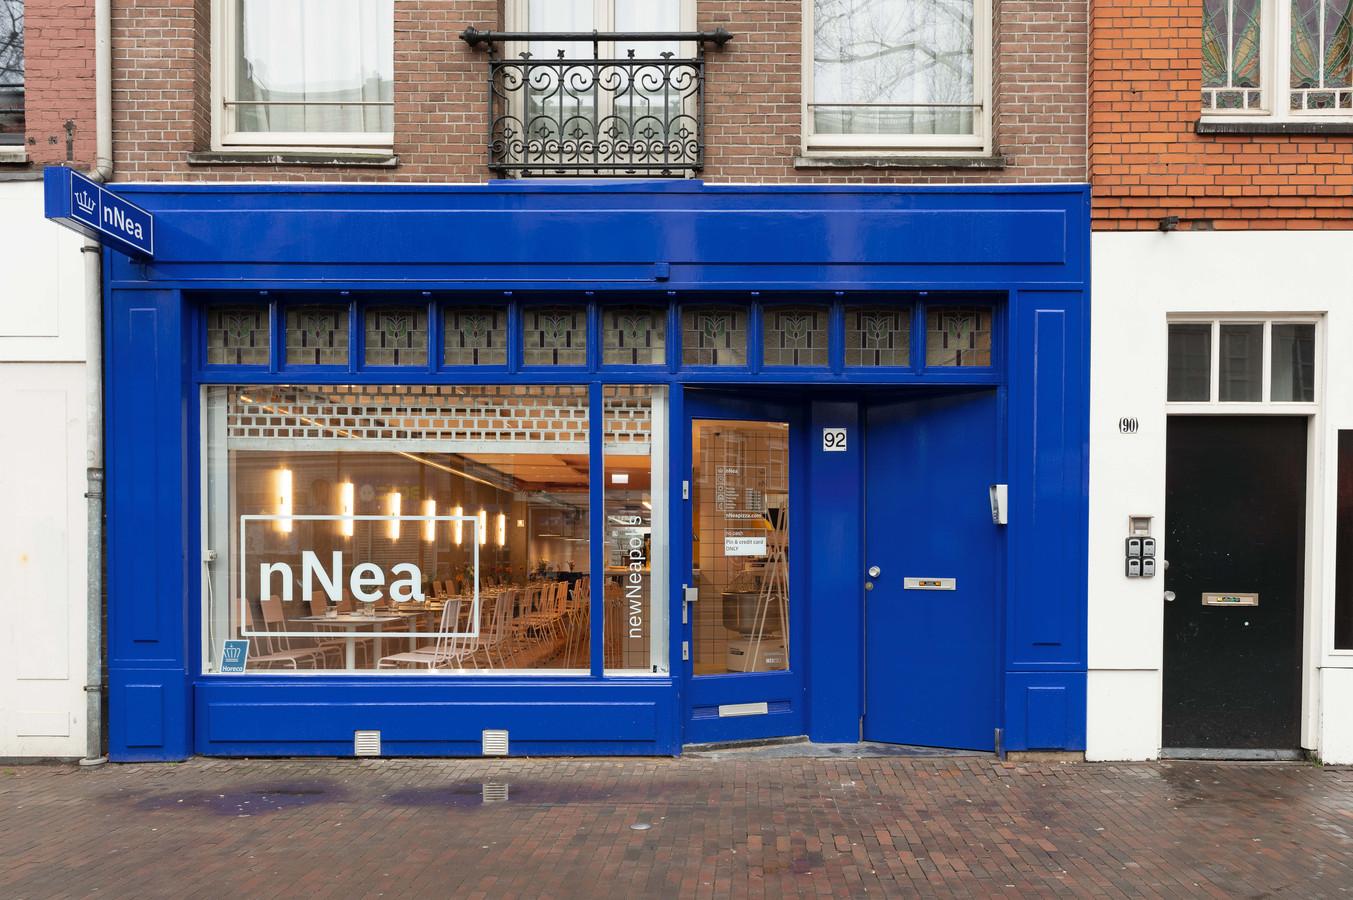 De buitenkant van nNea.